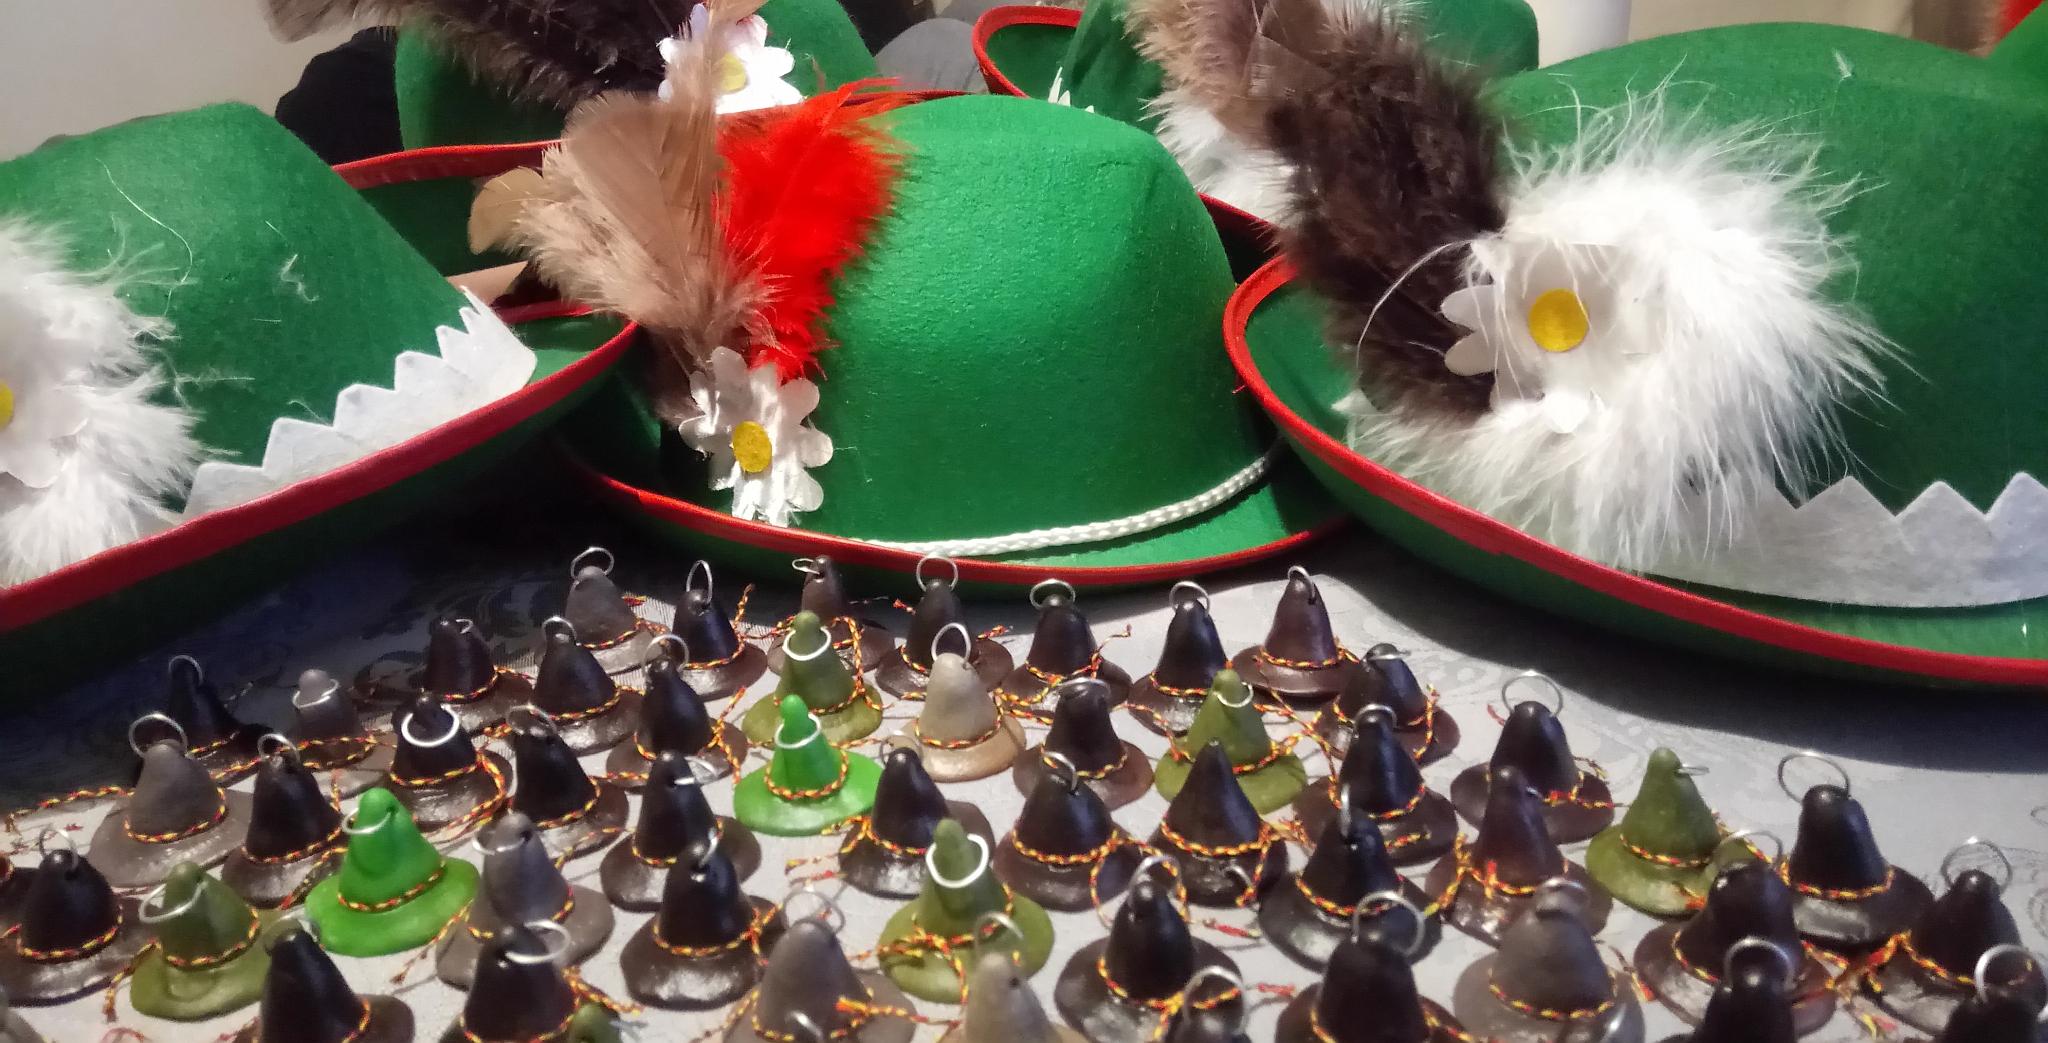 Bawarskie kapelusze - przygotowania do Dnia Otwartego